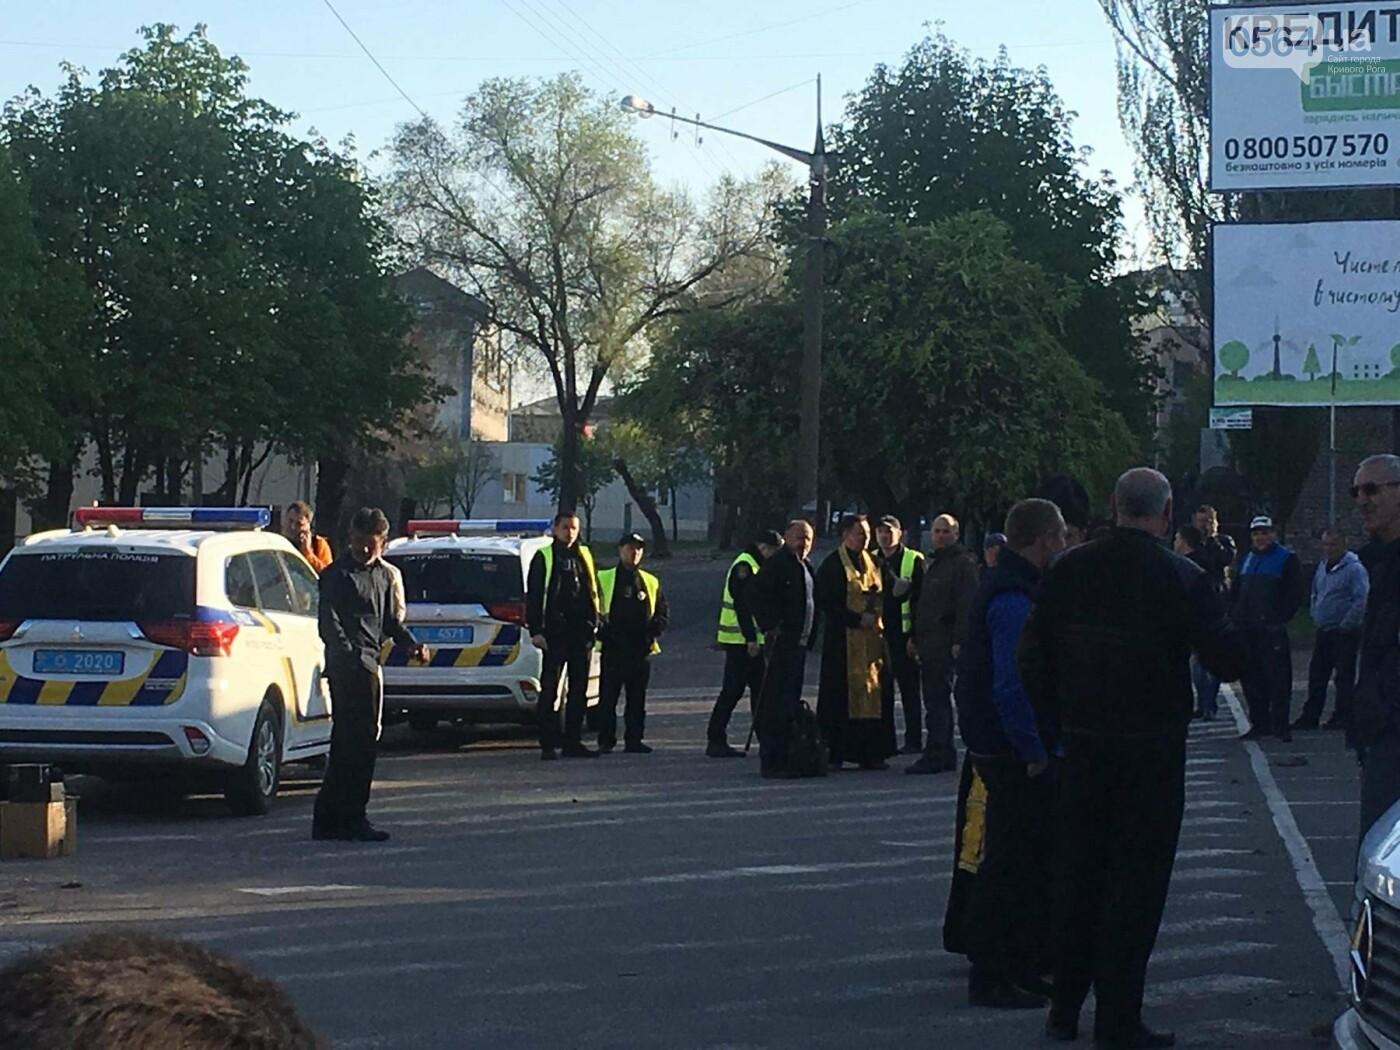 Сотни криворожан сегодня утром выехали на Хортицу, где высадят дубы и установят Крестомеч (ФОТО, ВИДЕО), фото-6